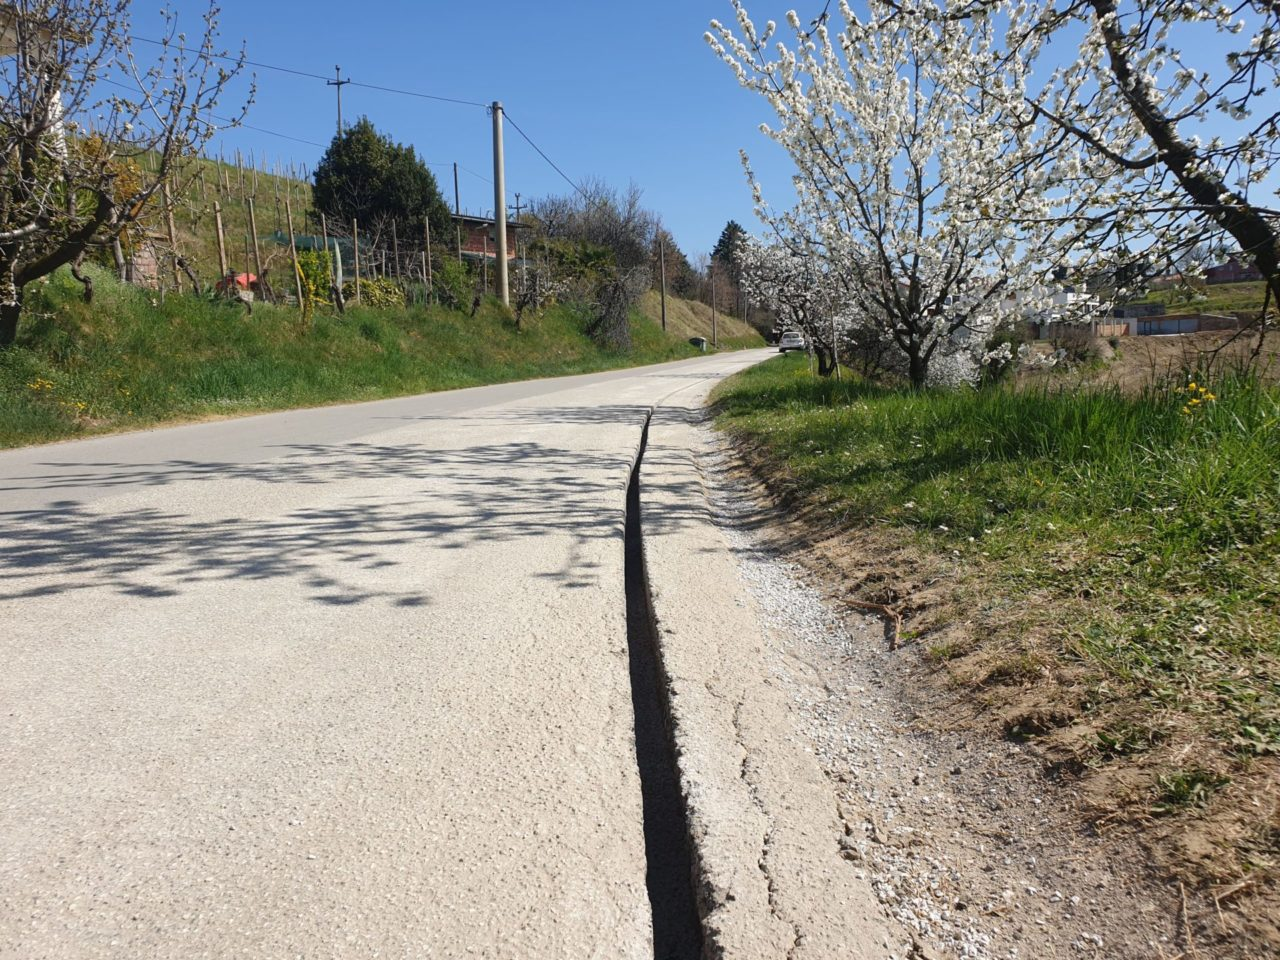 Gradnja omrežja v Plešivem, občina Brda.